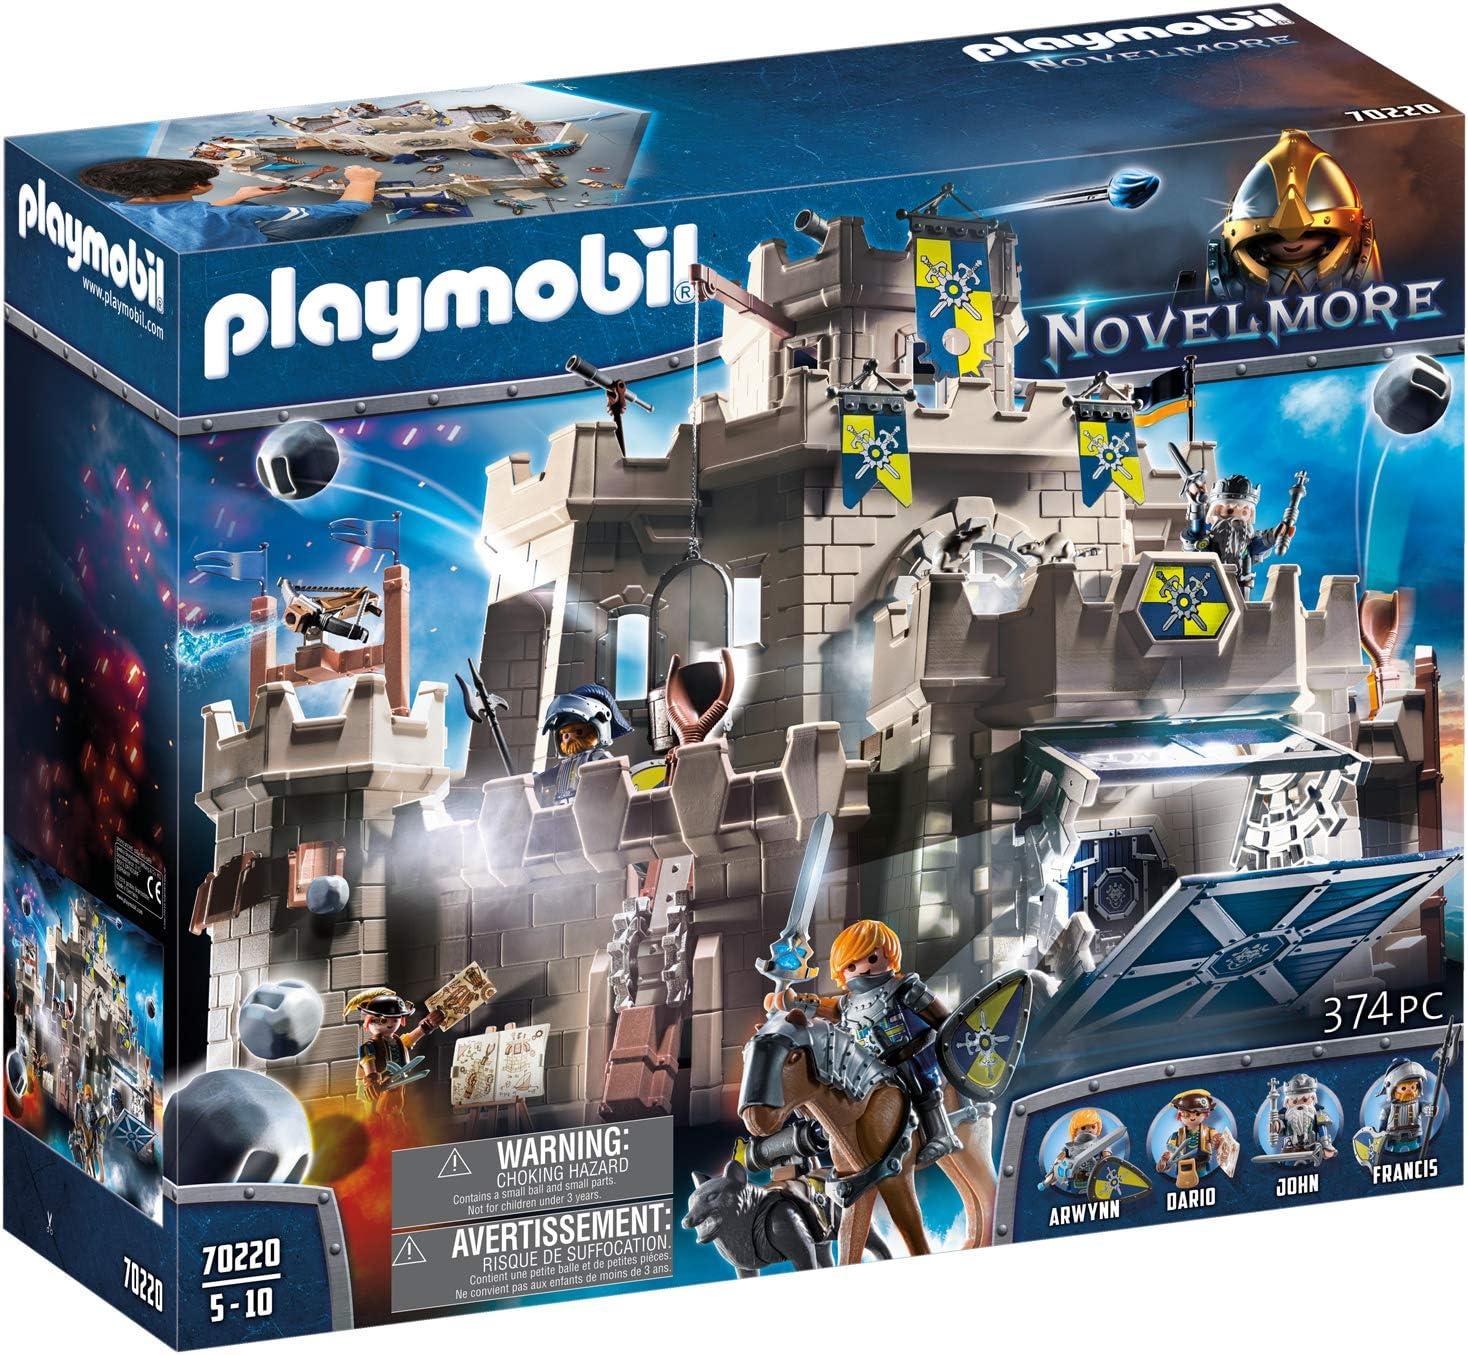 PLAYMOBIL Novelmore Gran Castillo de Novelmore, Entre 5 y 10 Años de edad (70220)